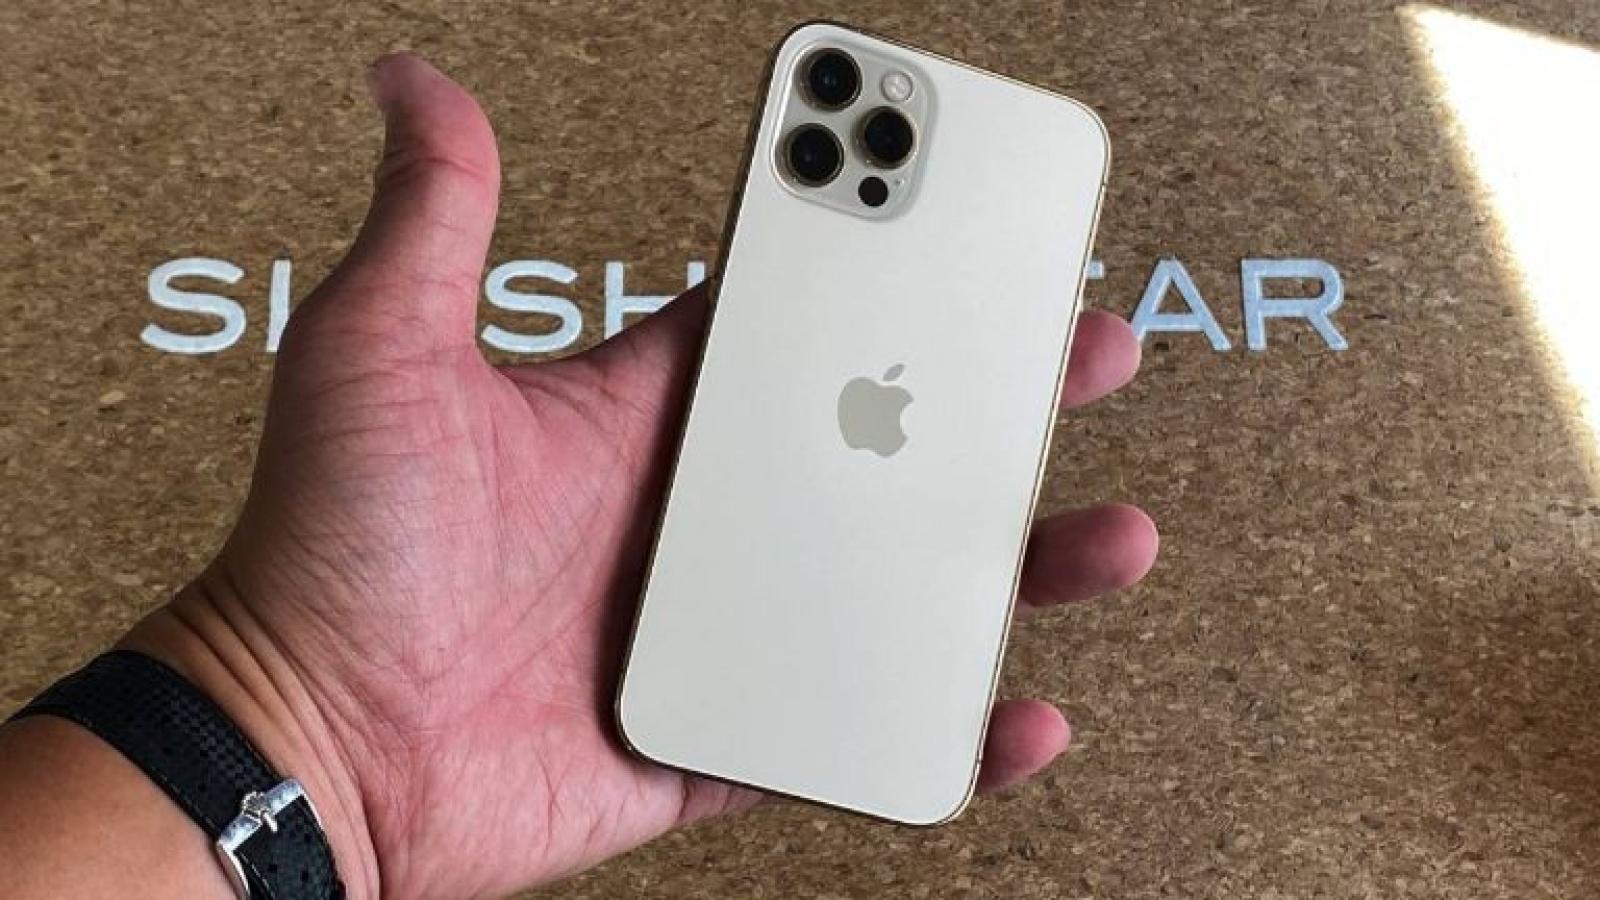 Cận cảnh iPhone 12 Pro phiên bản Vàng Gold tuyệt đẹp